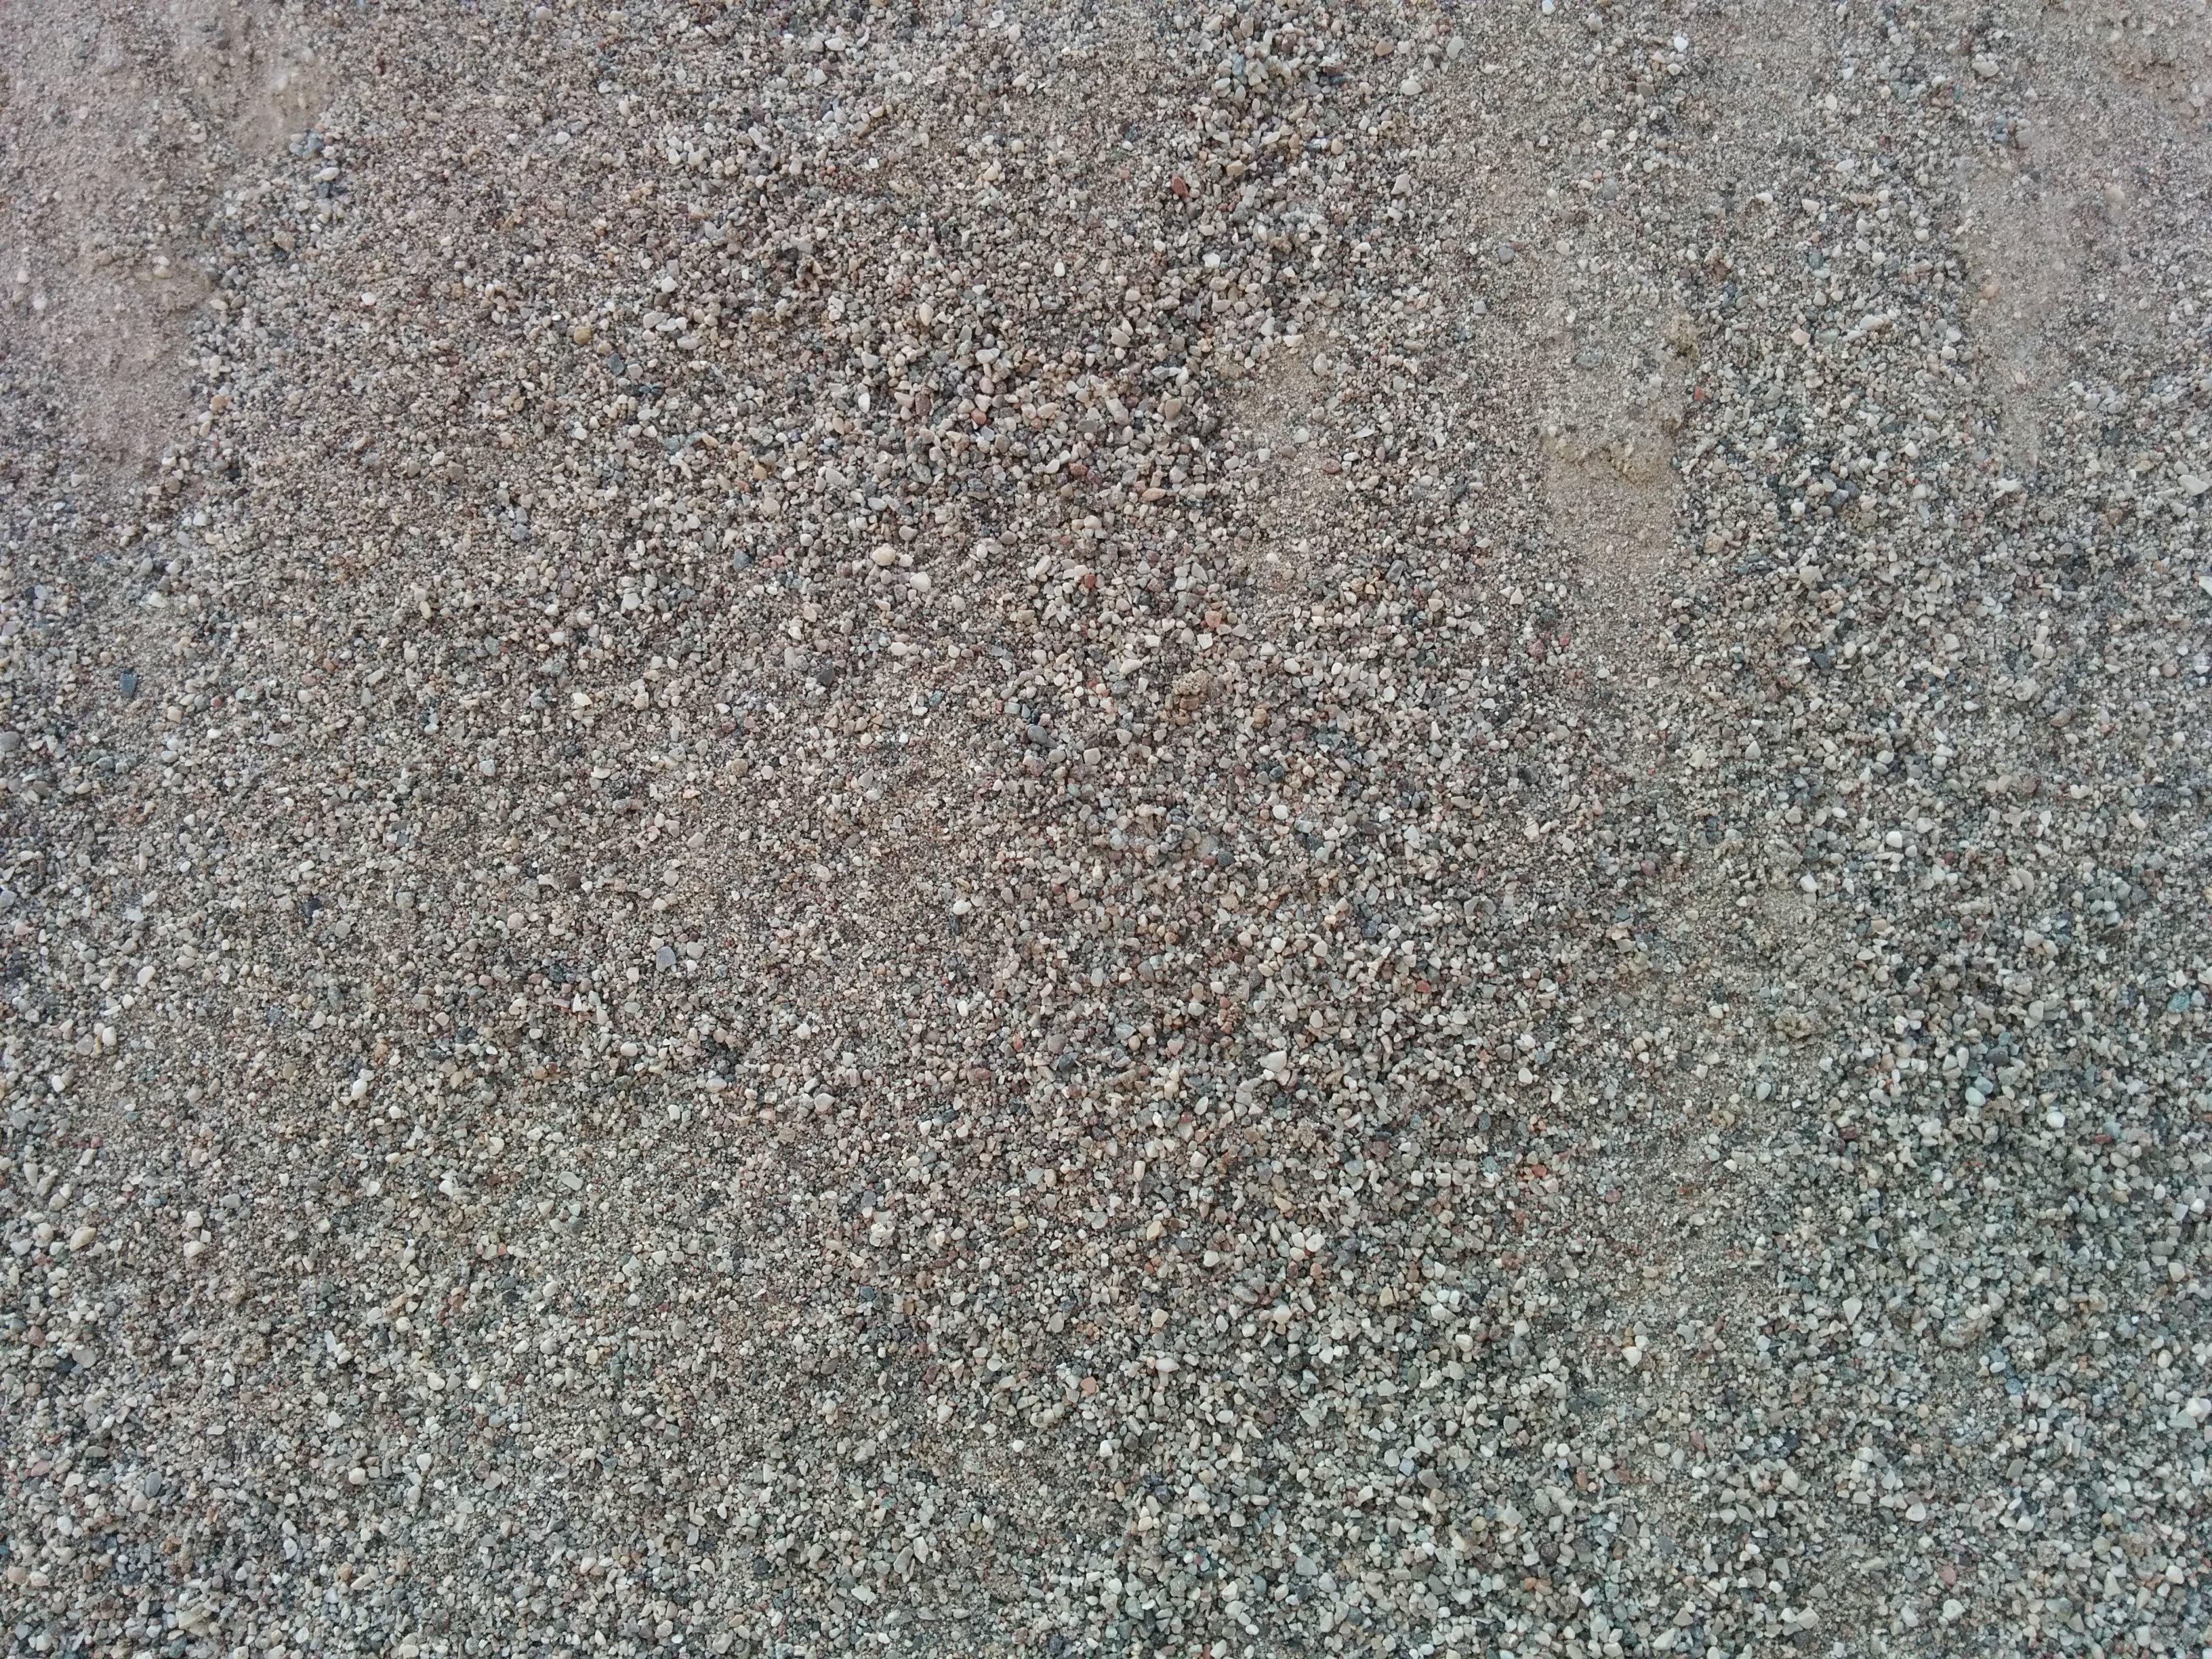 Sabbia 04 sabbia fina da malta chizzola armando for Malta materiale